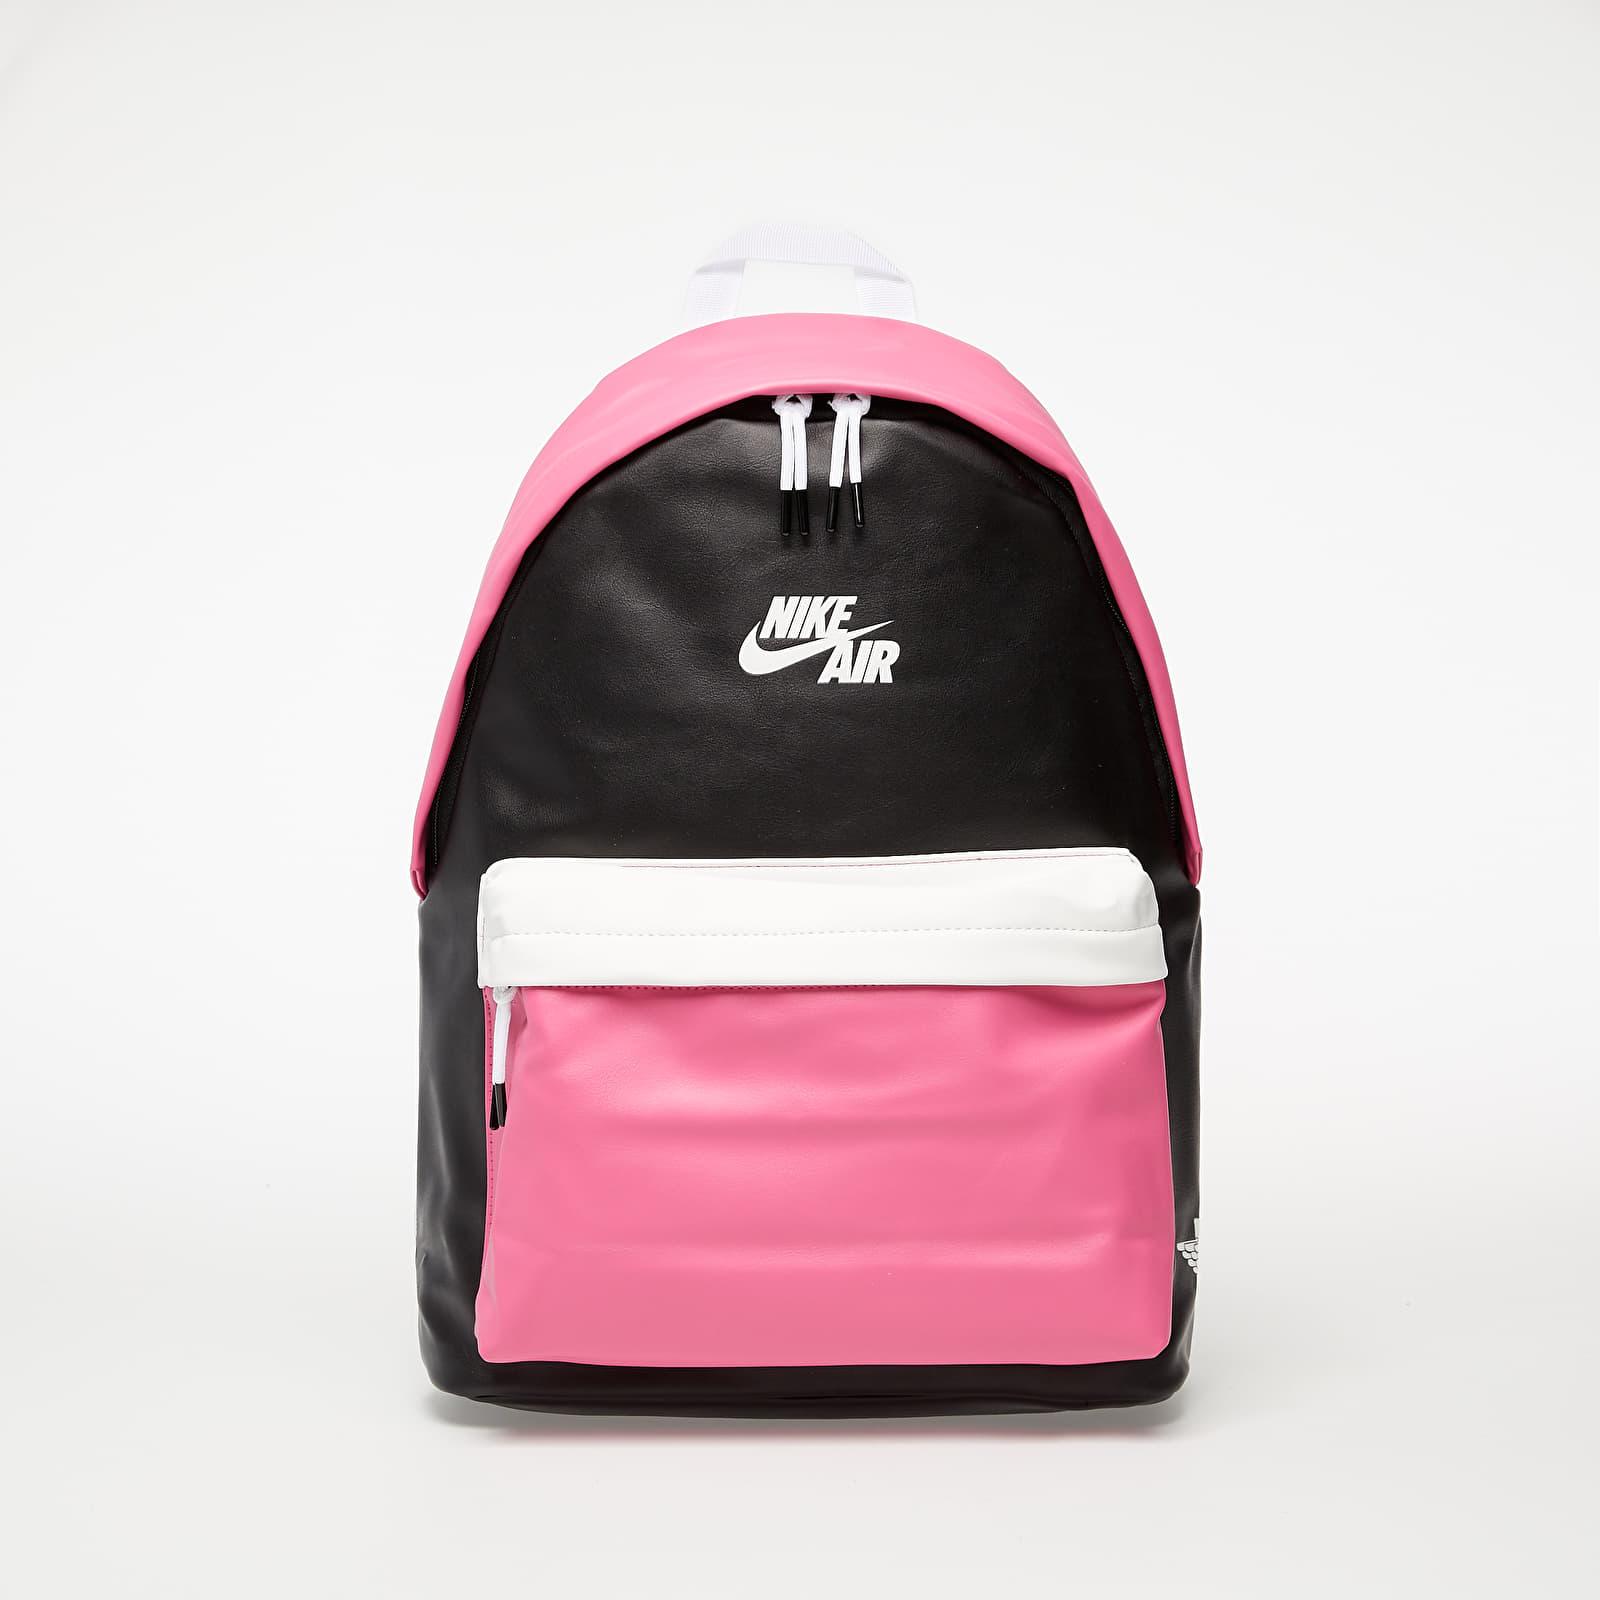 Jordan Air 1 Backpack Multicolor 35 liters